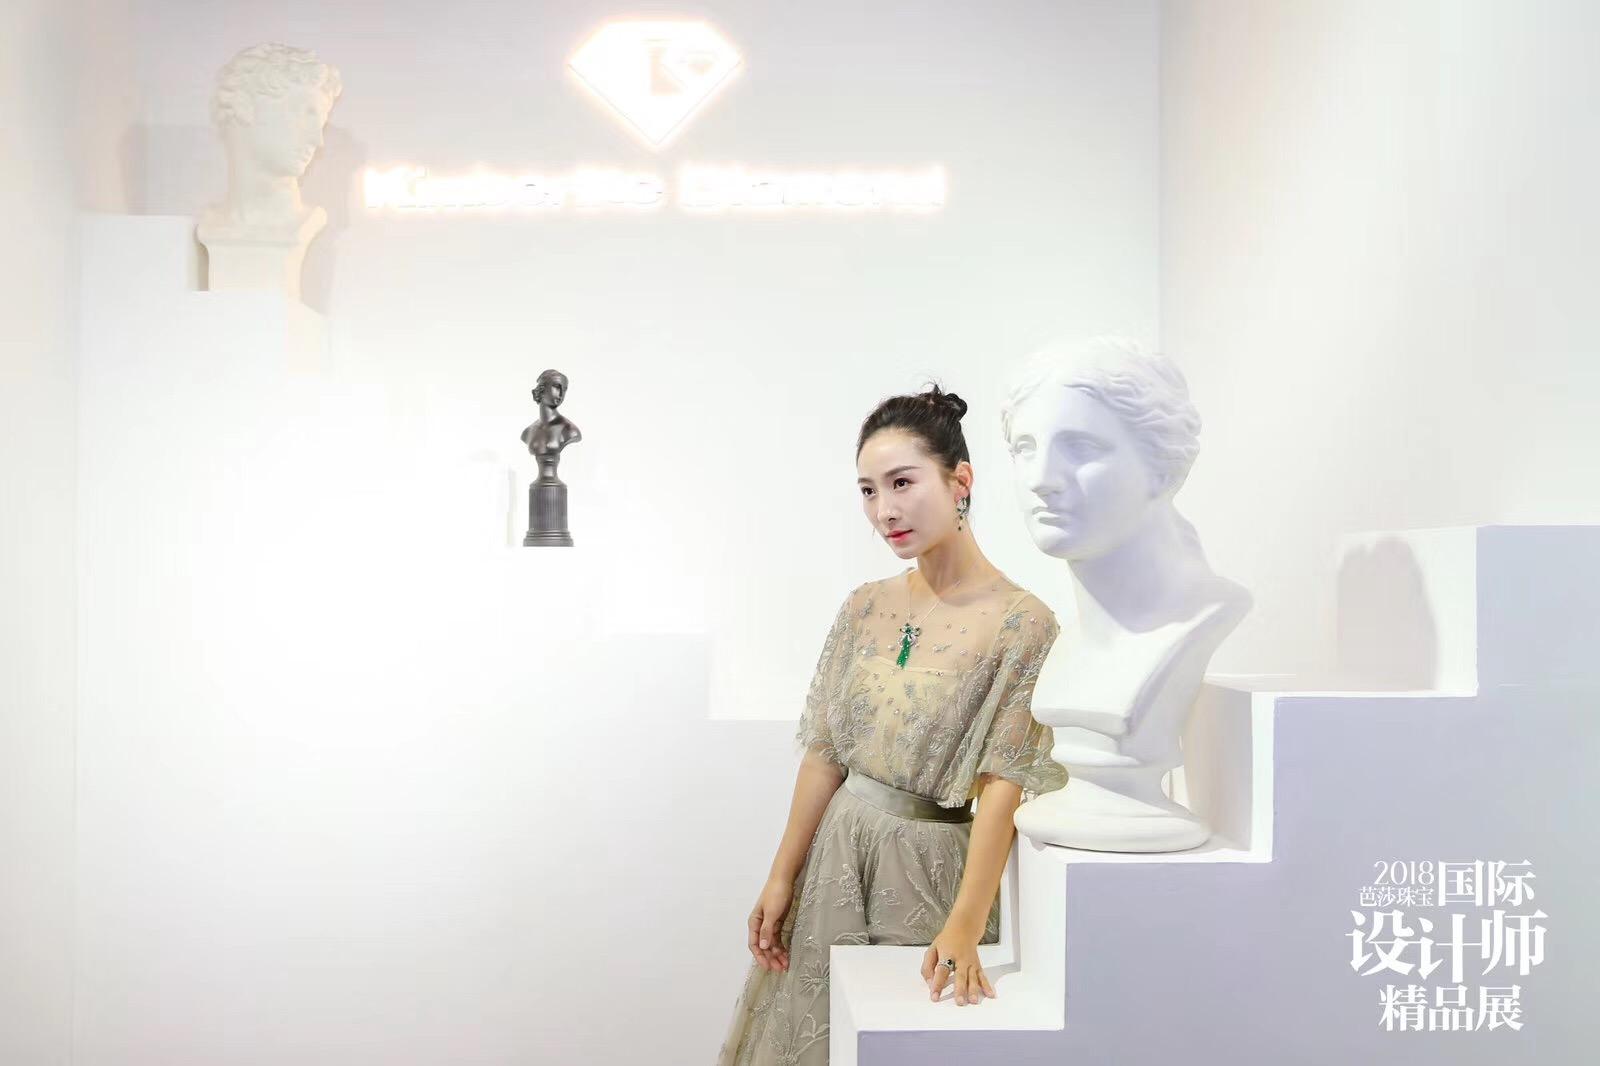 2018芭莎珠宝国际设计师精品展